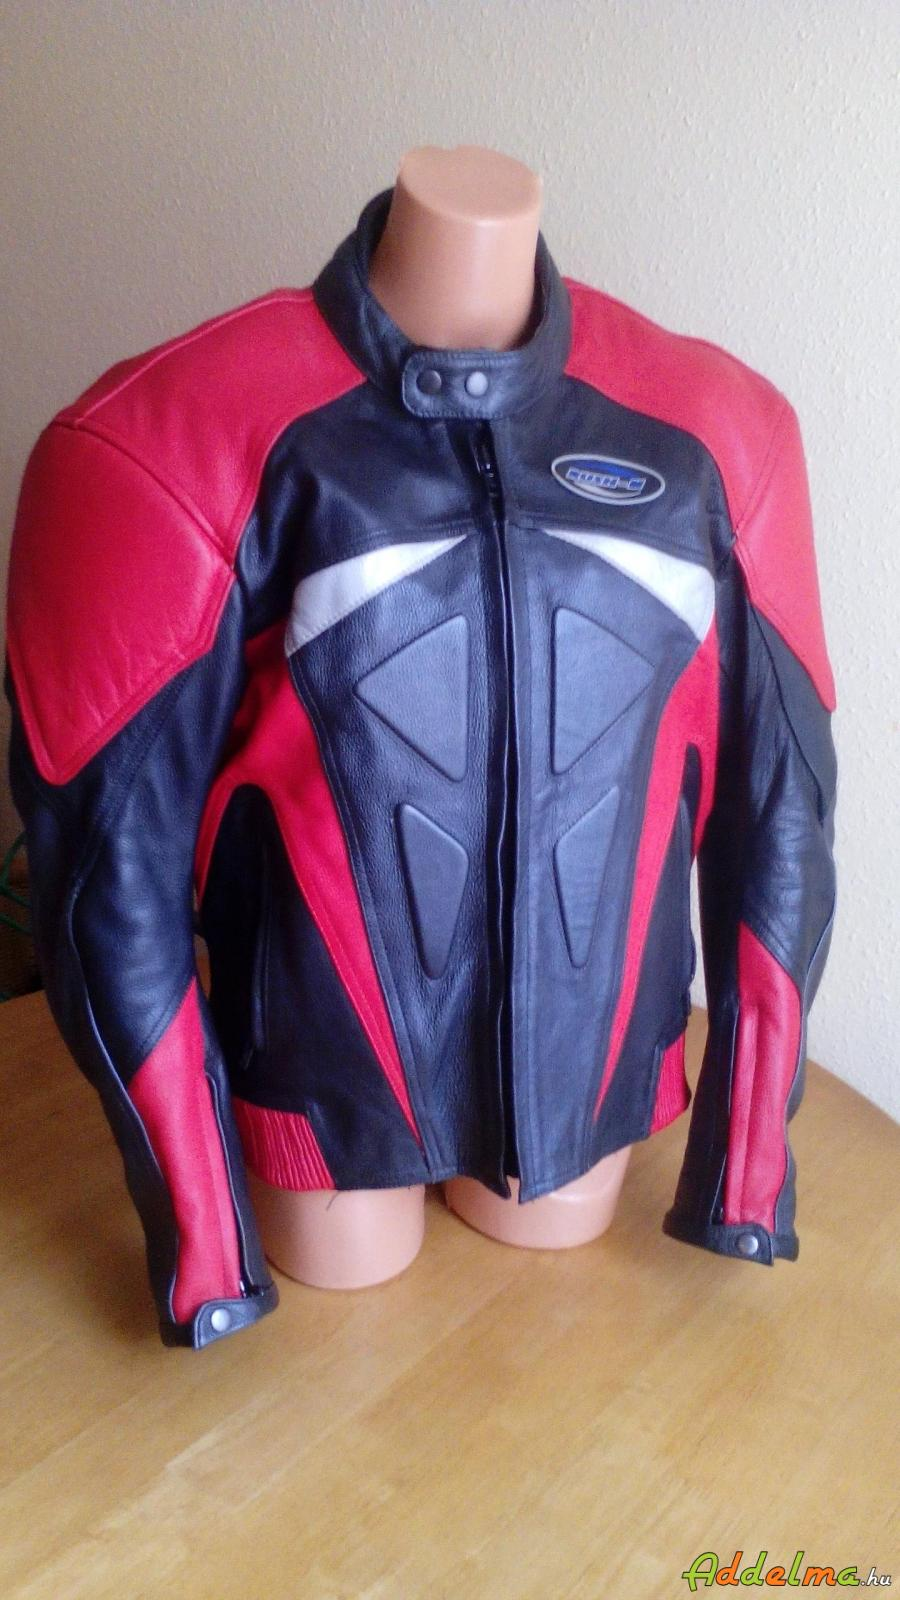 80e542771e Rush-M protektoros bőr motoros dzseki kabát férfi L-XL, Heves megye ...